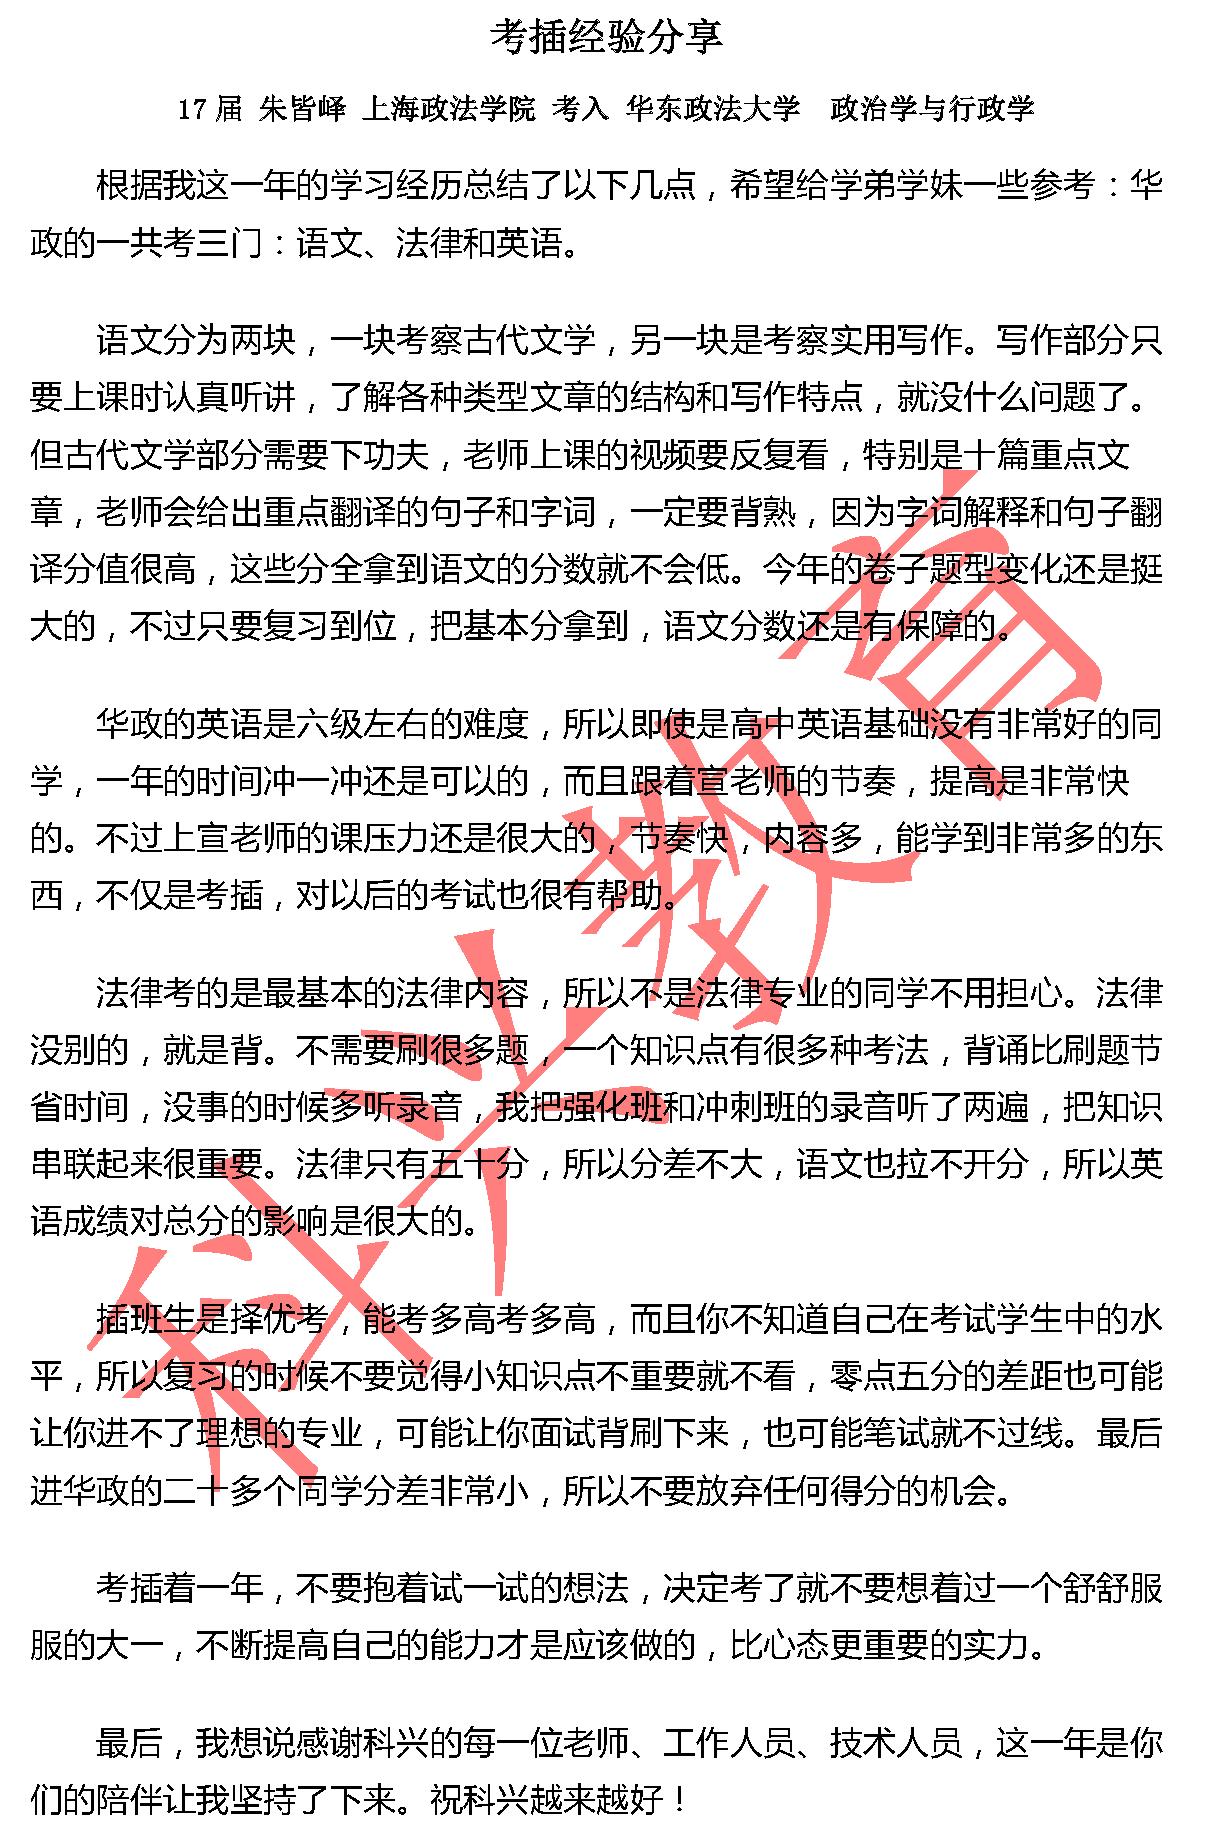 华政朱皆峄:考插经验分享(17届)